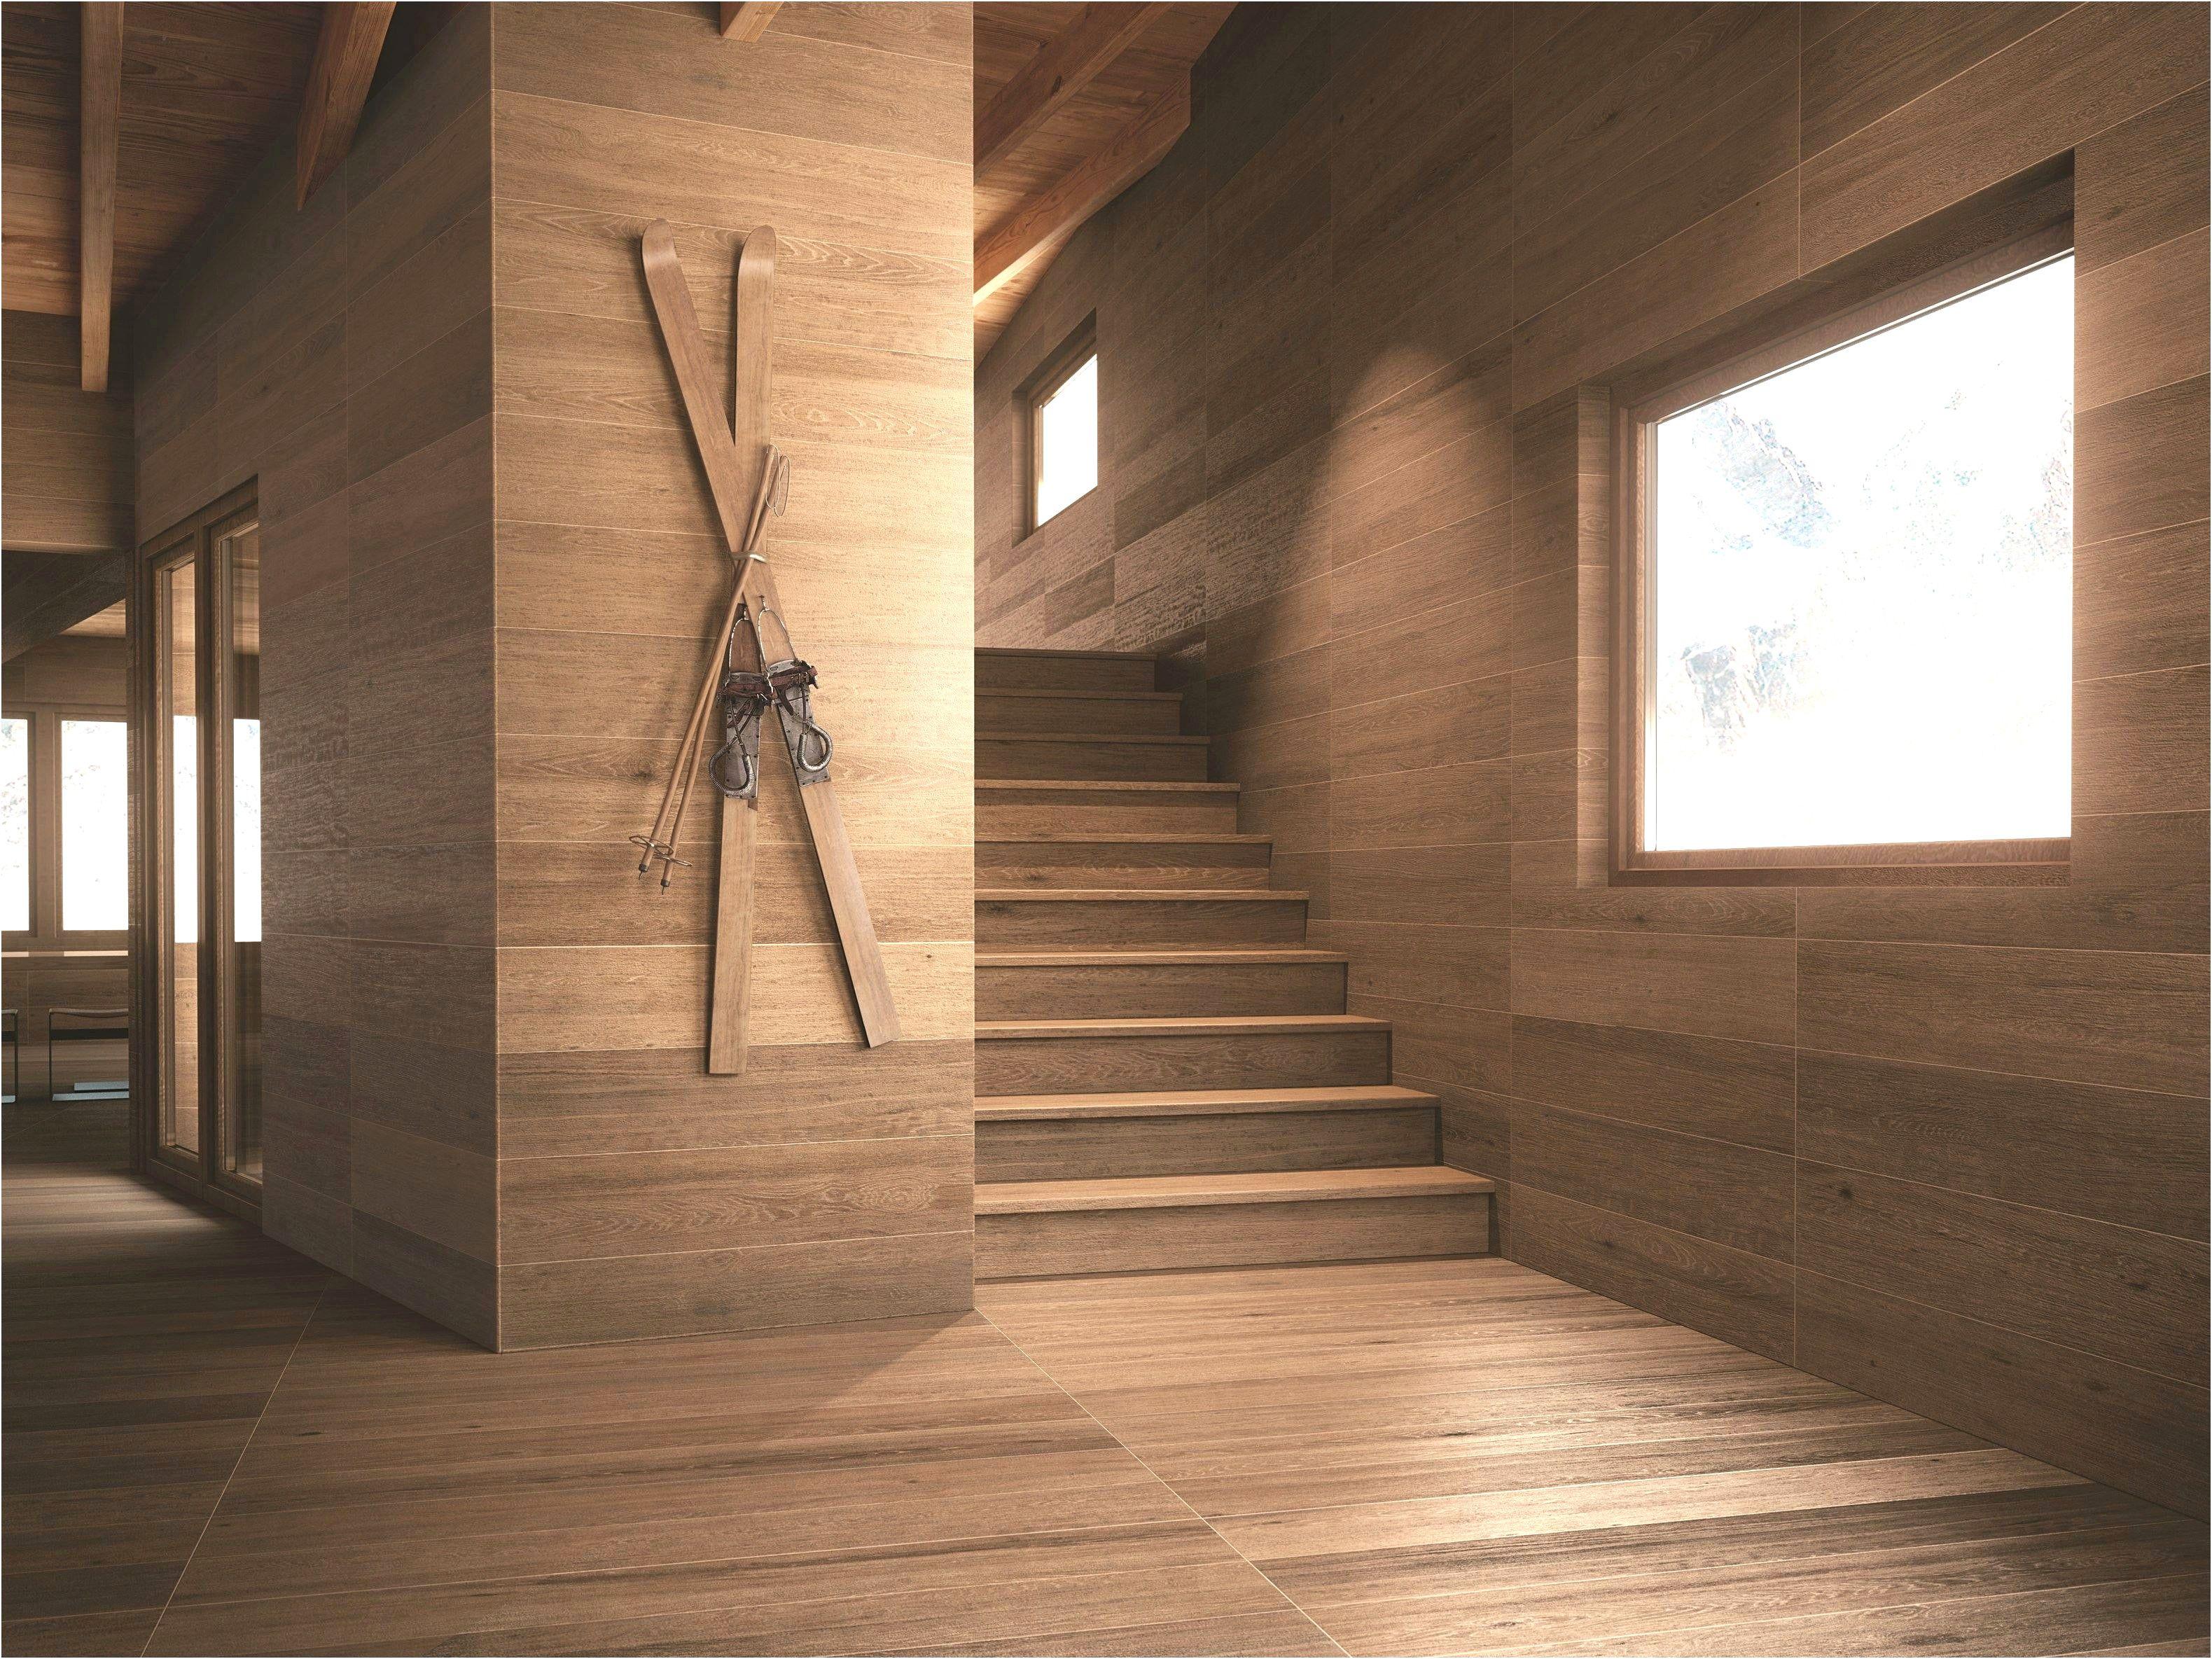 Tavole Legno Per Rivestimento Pareti pannelli rivestimento legno esterno: rivestimento in legno